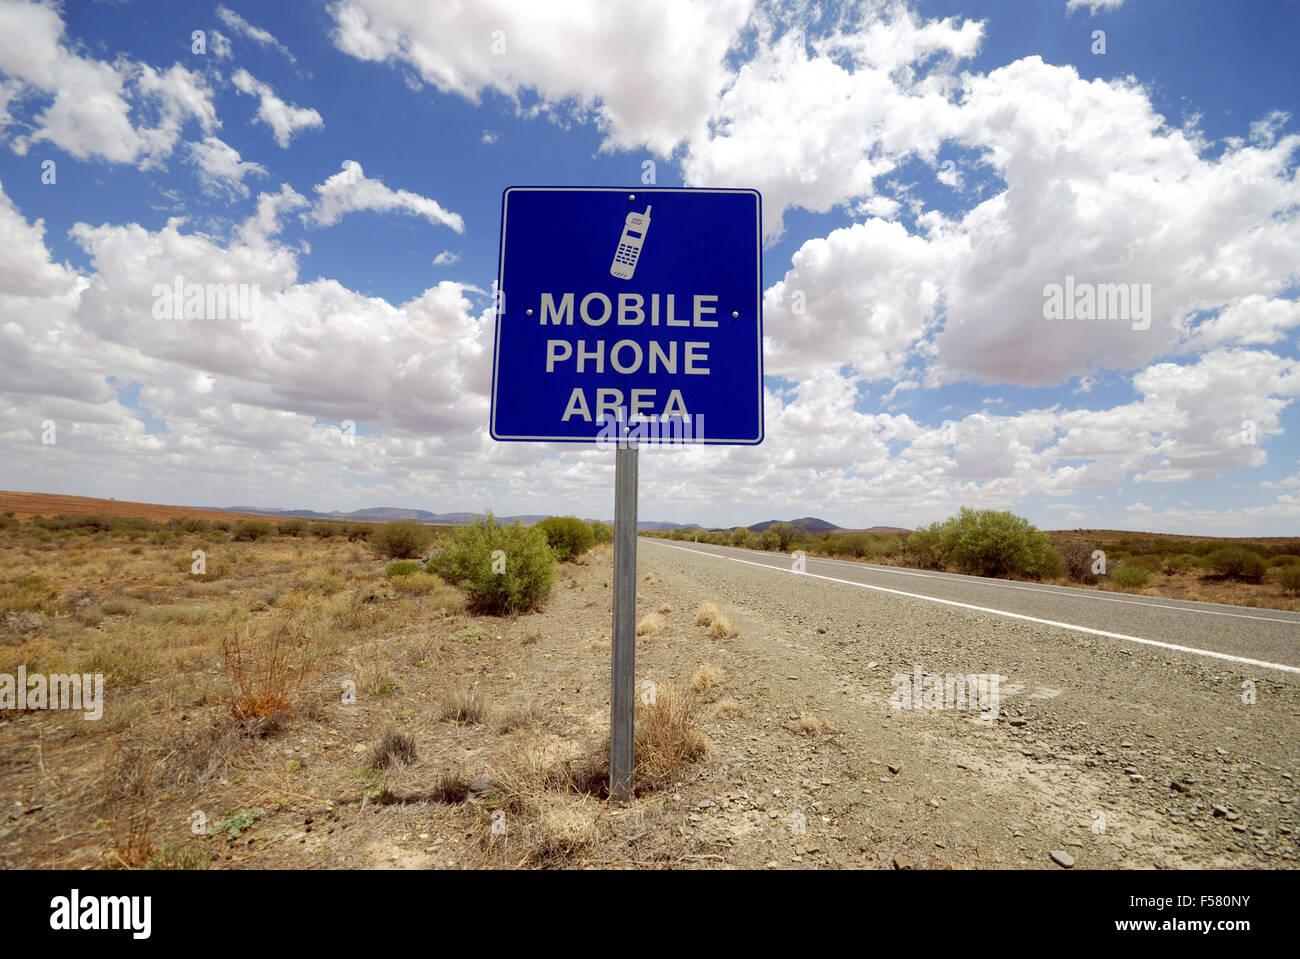 Mobile phone sign in the Australian desert - Stock Image